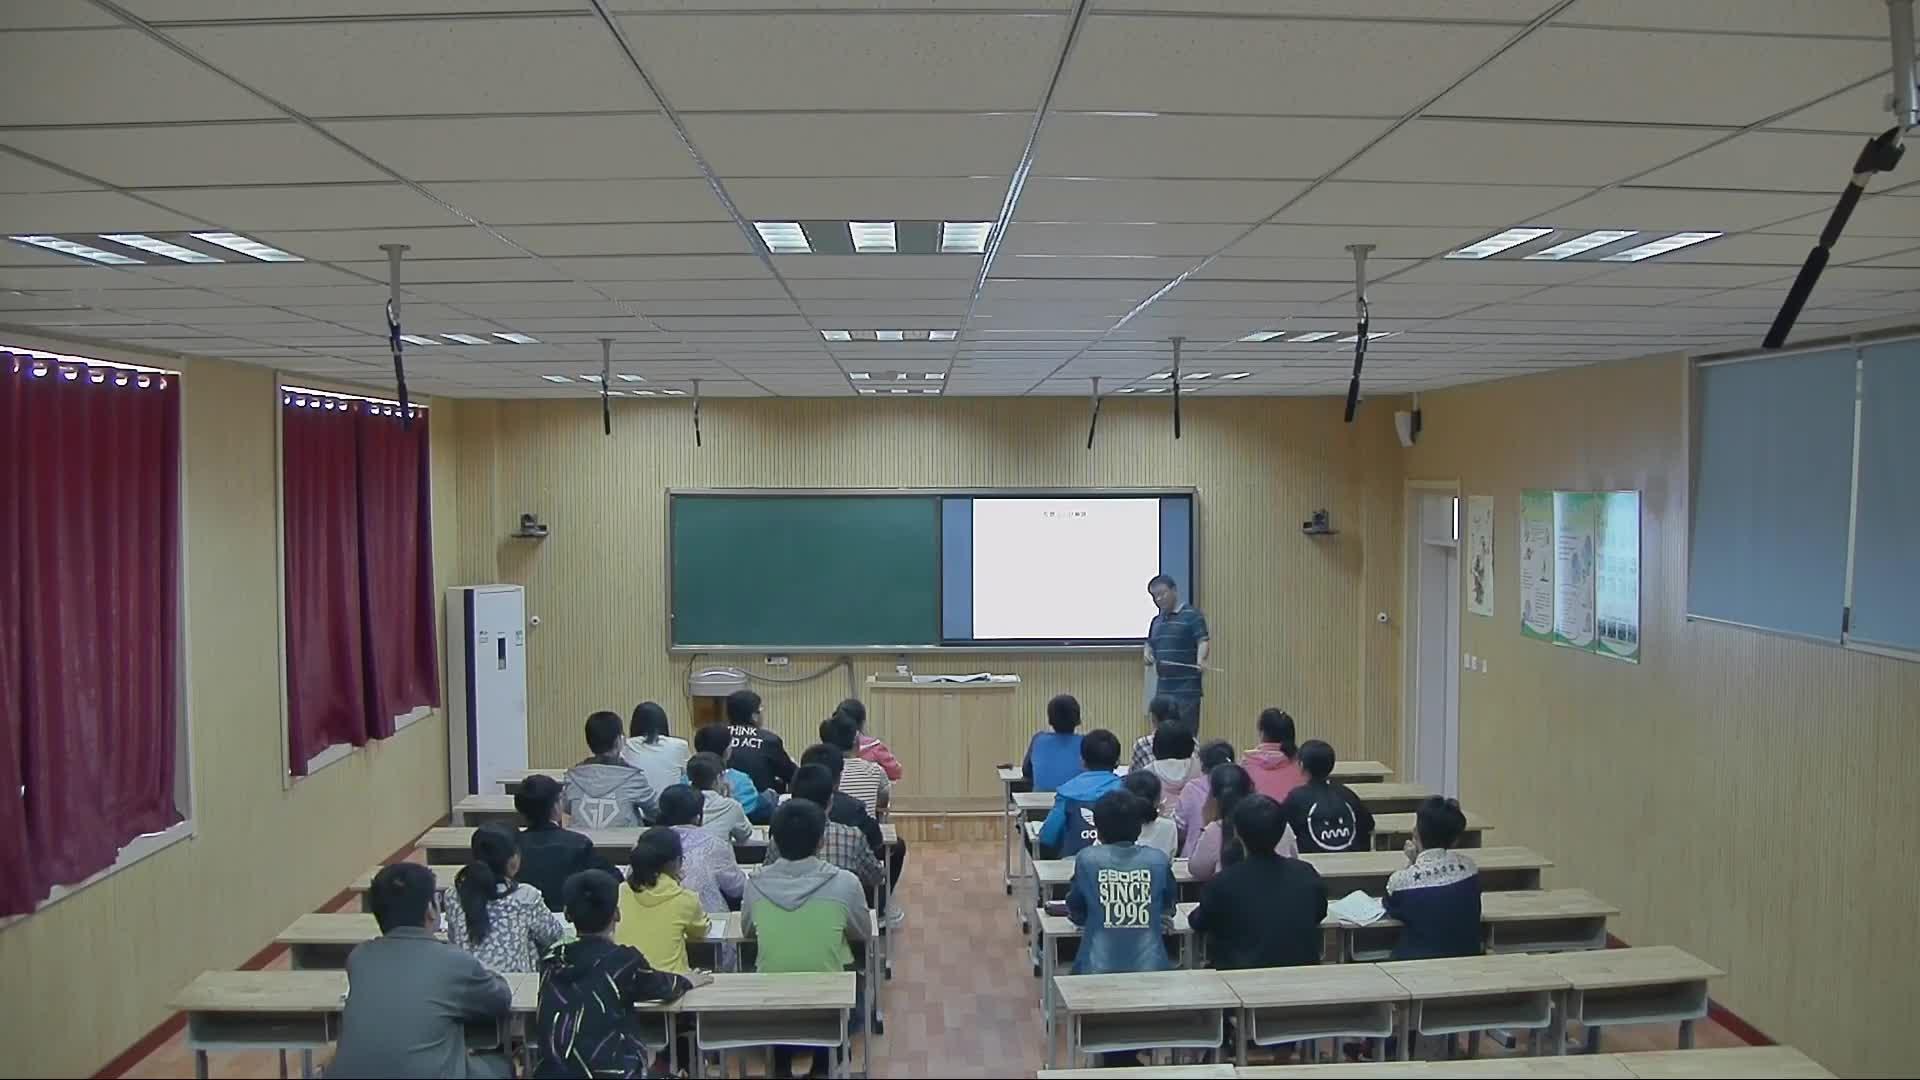 鲁教版 中考物理复习 物理计算专题-课堂实录